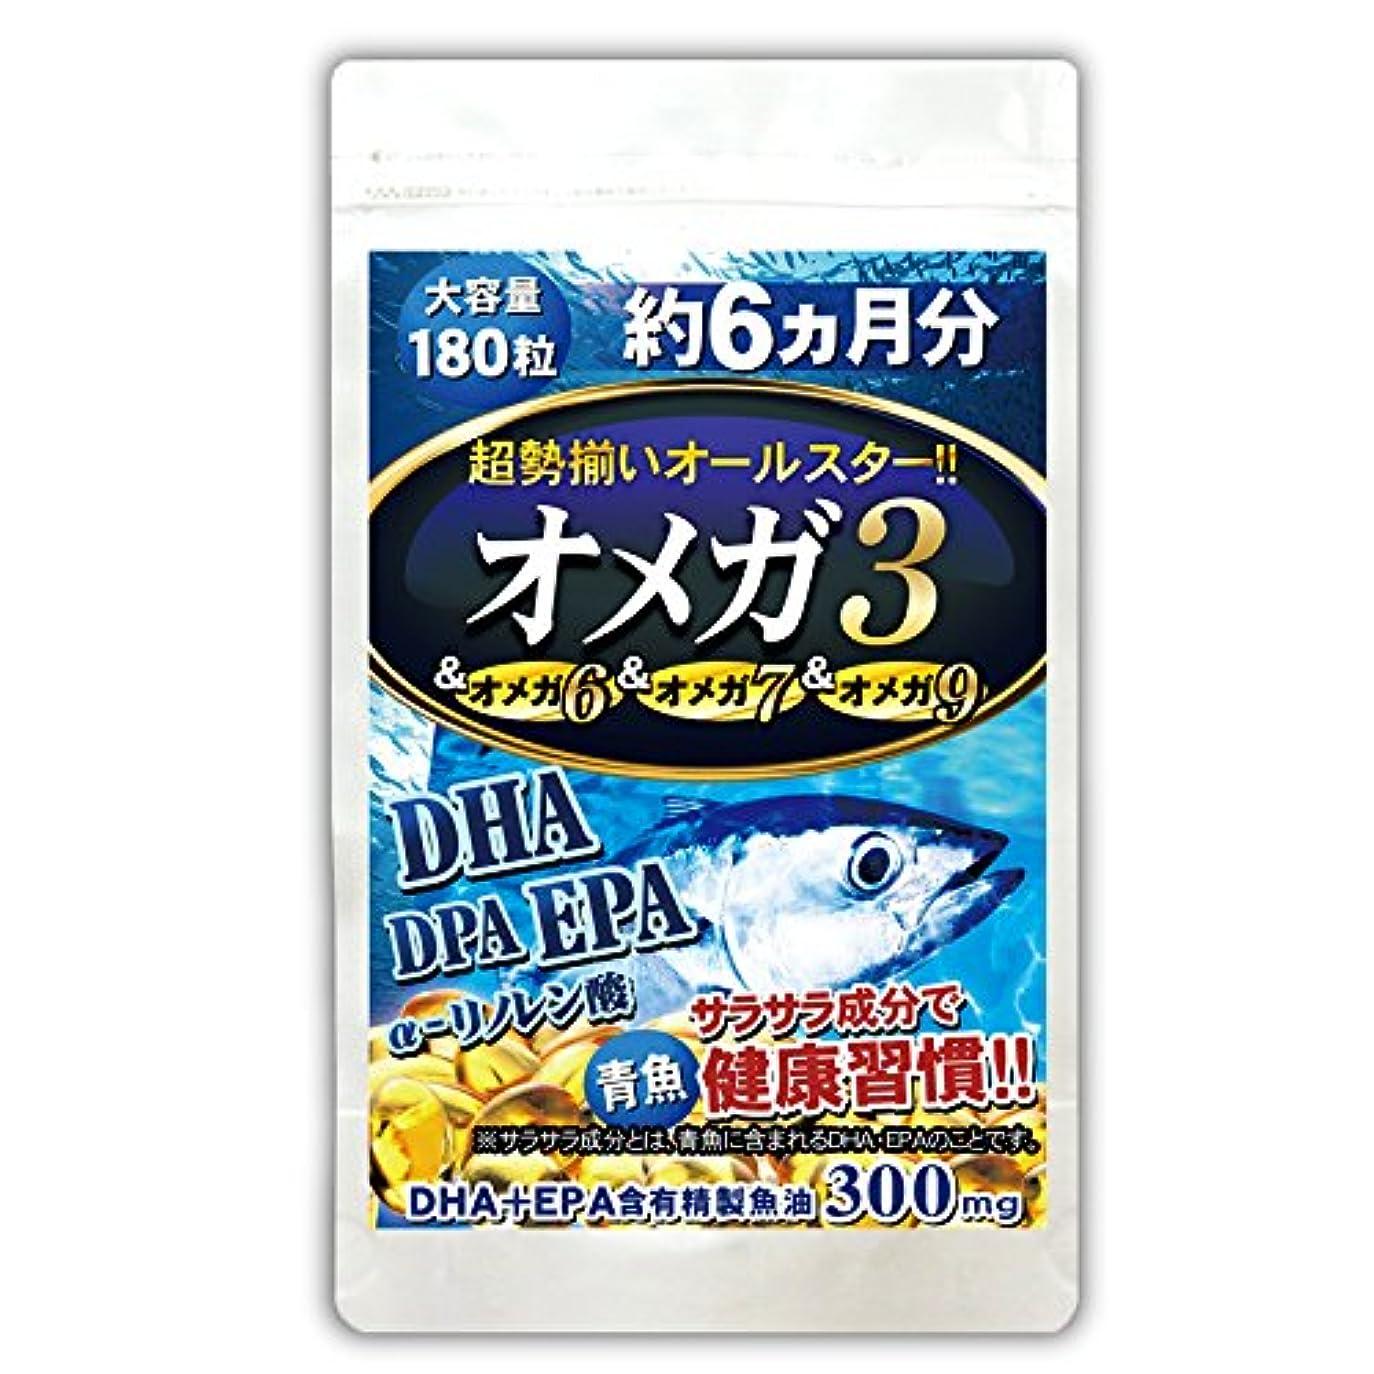 または薬配送(約6ヵ月分/180粒)DHA+EPA+DPA+α-リノレン酸の4種オメガ3をまとめて!超勢揃いオールスターオメガ